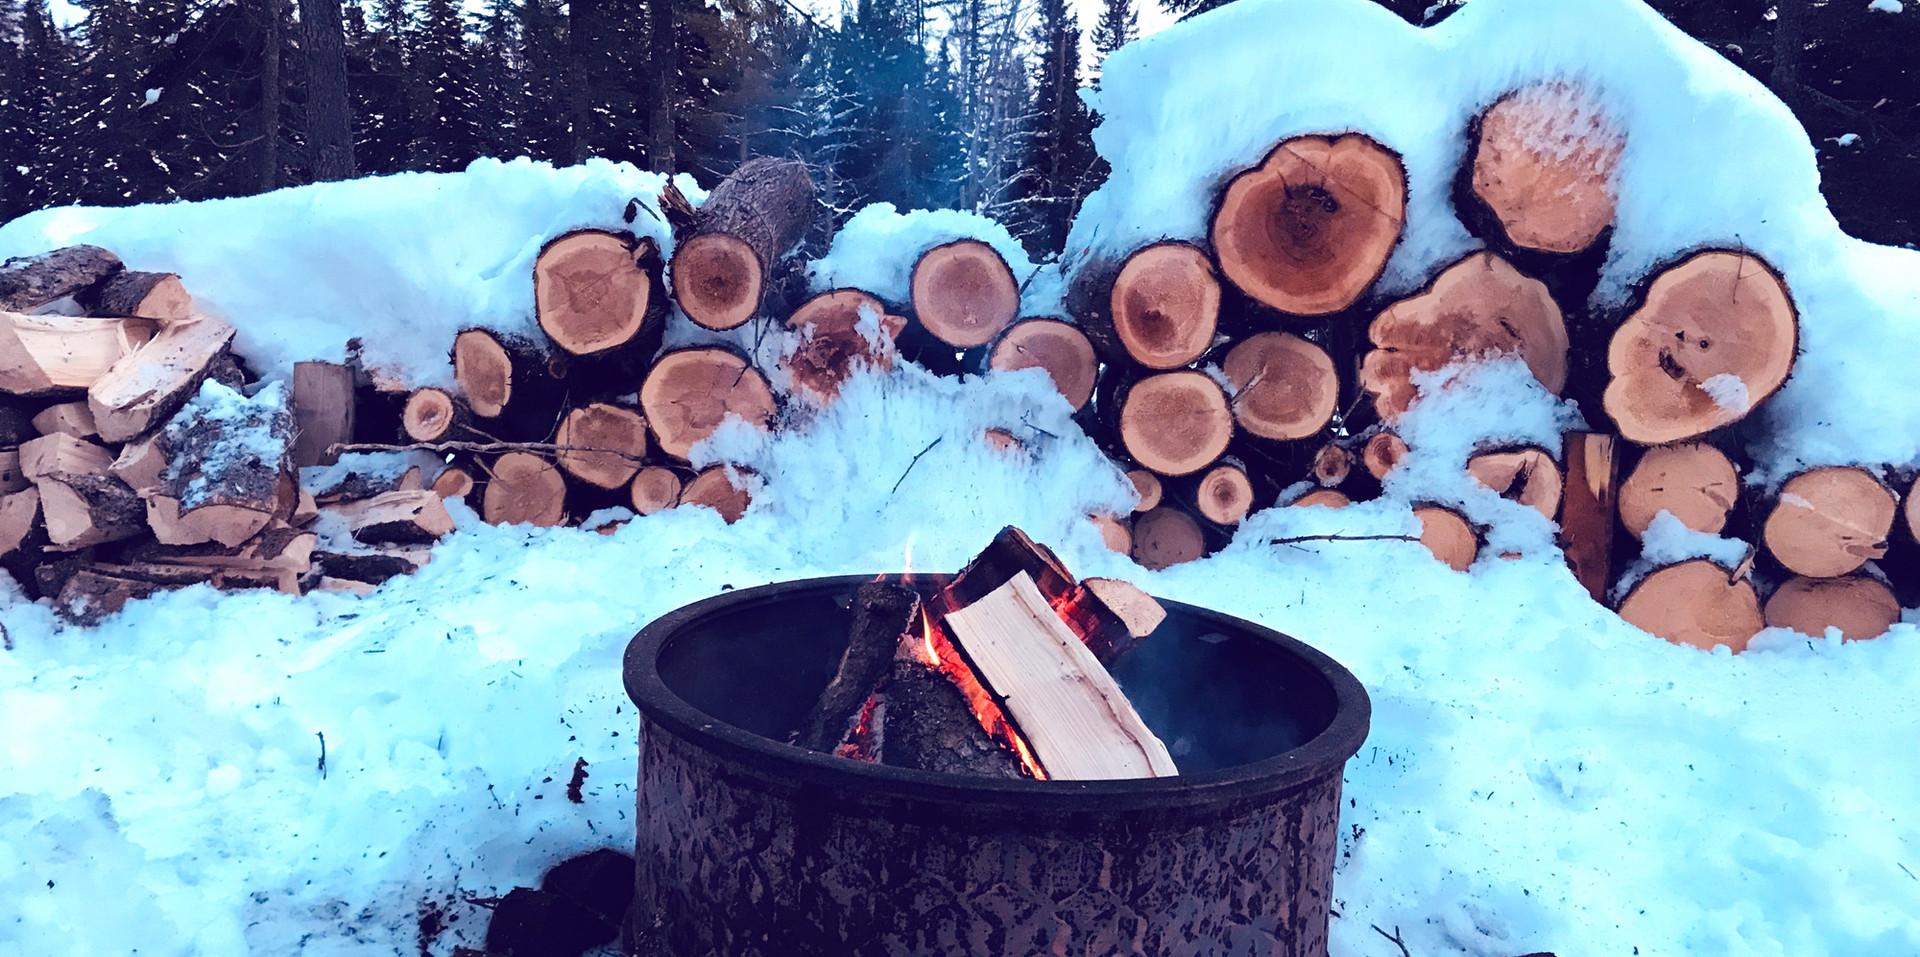 Chalet à louer au Québec | face au lac | 4 saisons Le Cocooning L'Ascension | Feu de camps en hiver